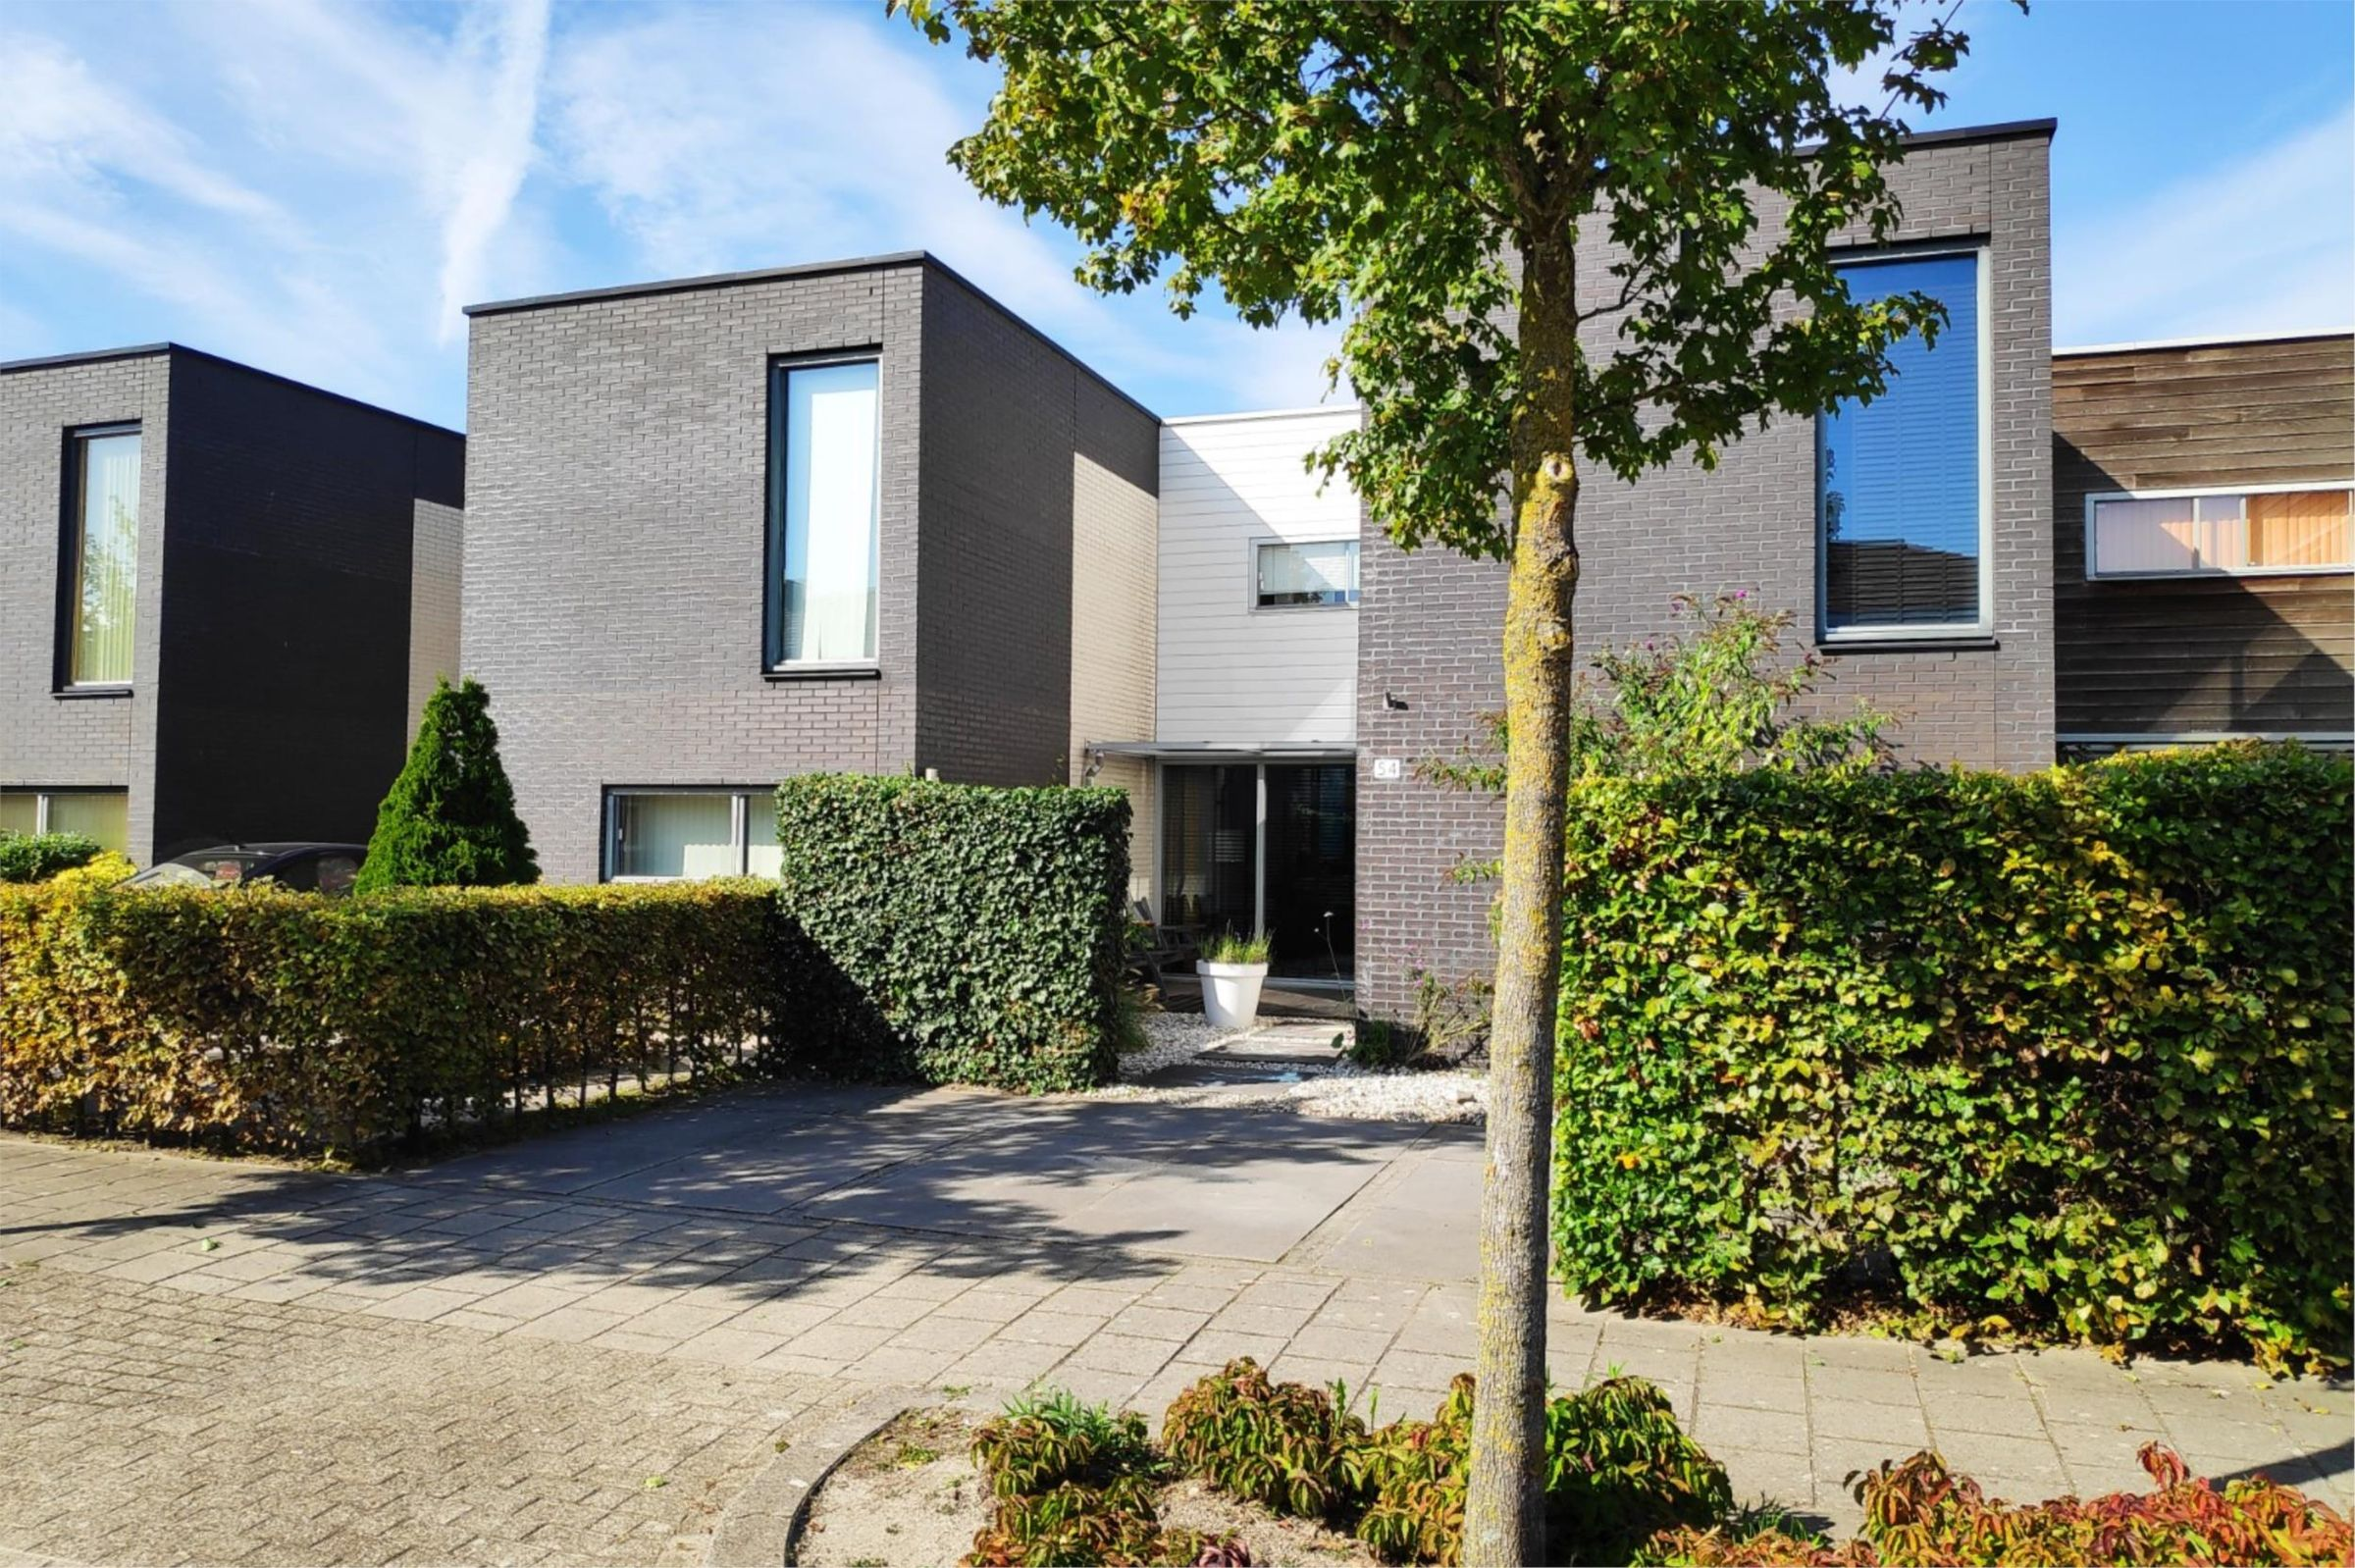 Hans Lodeizenstraat 54, Almere